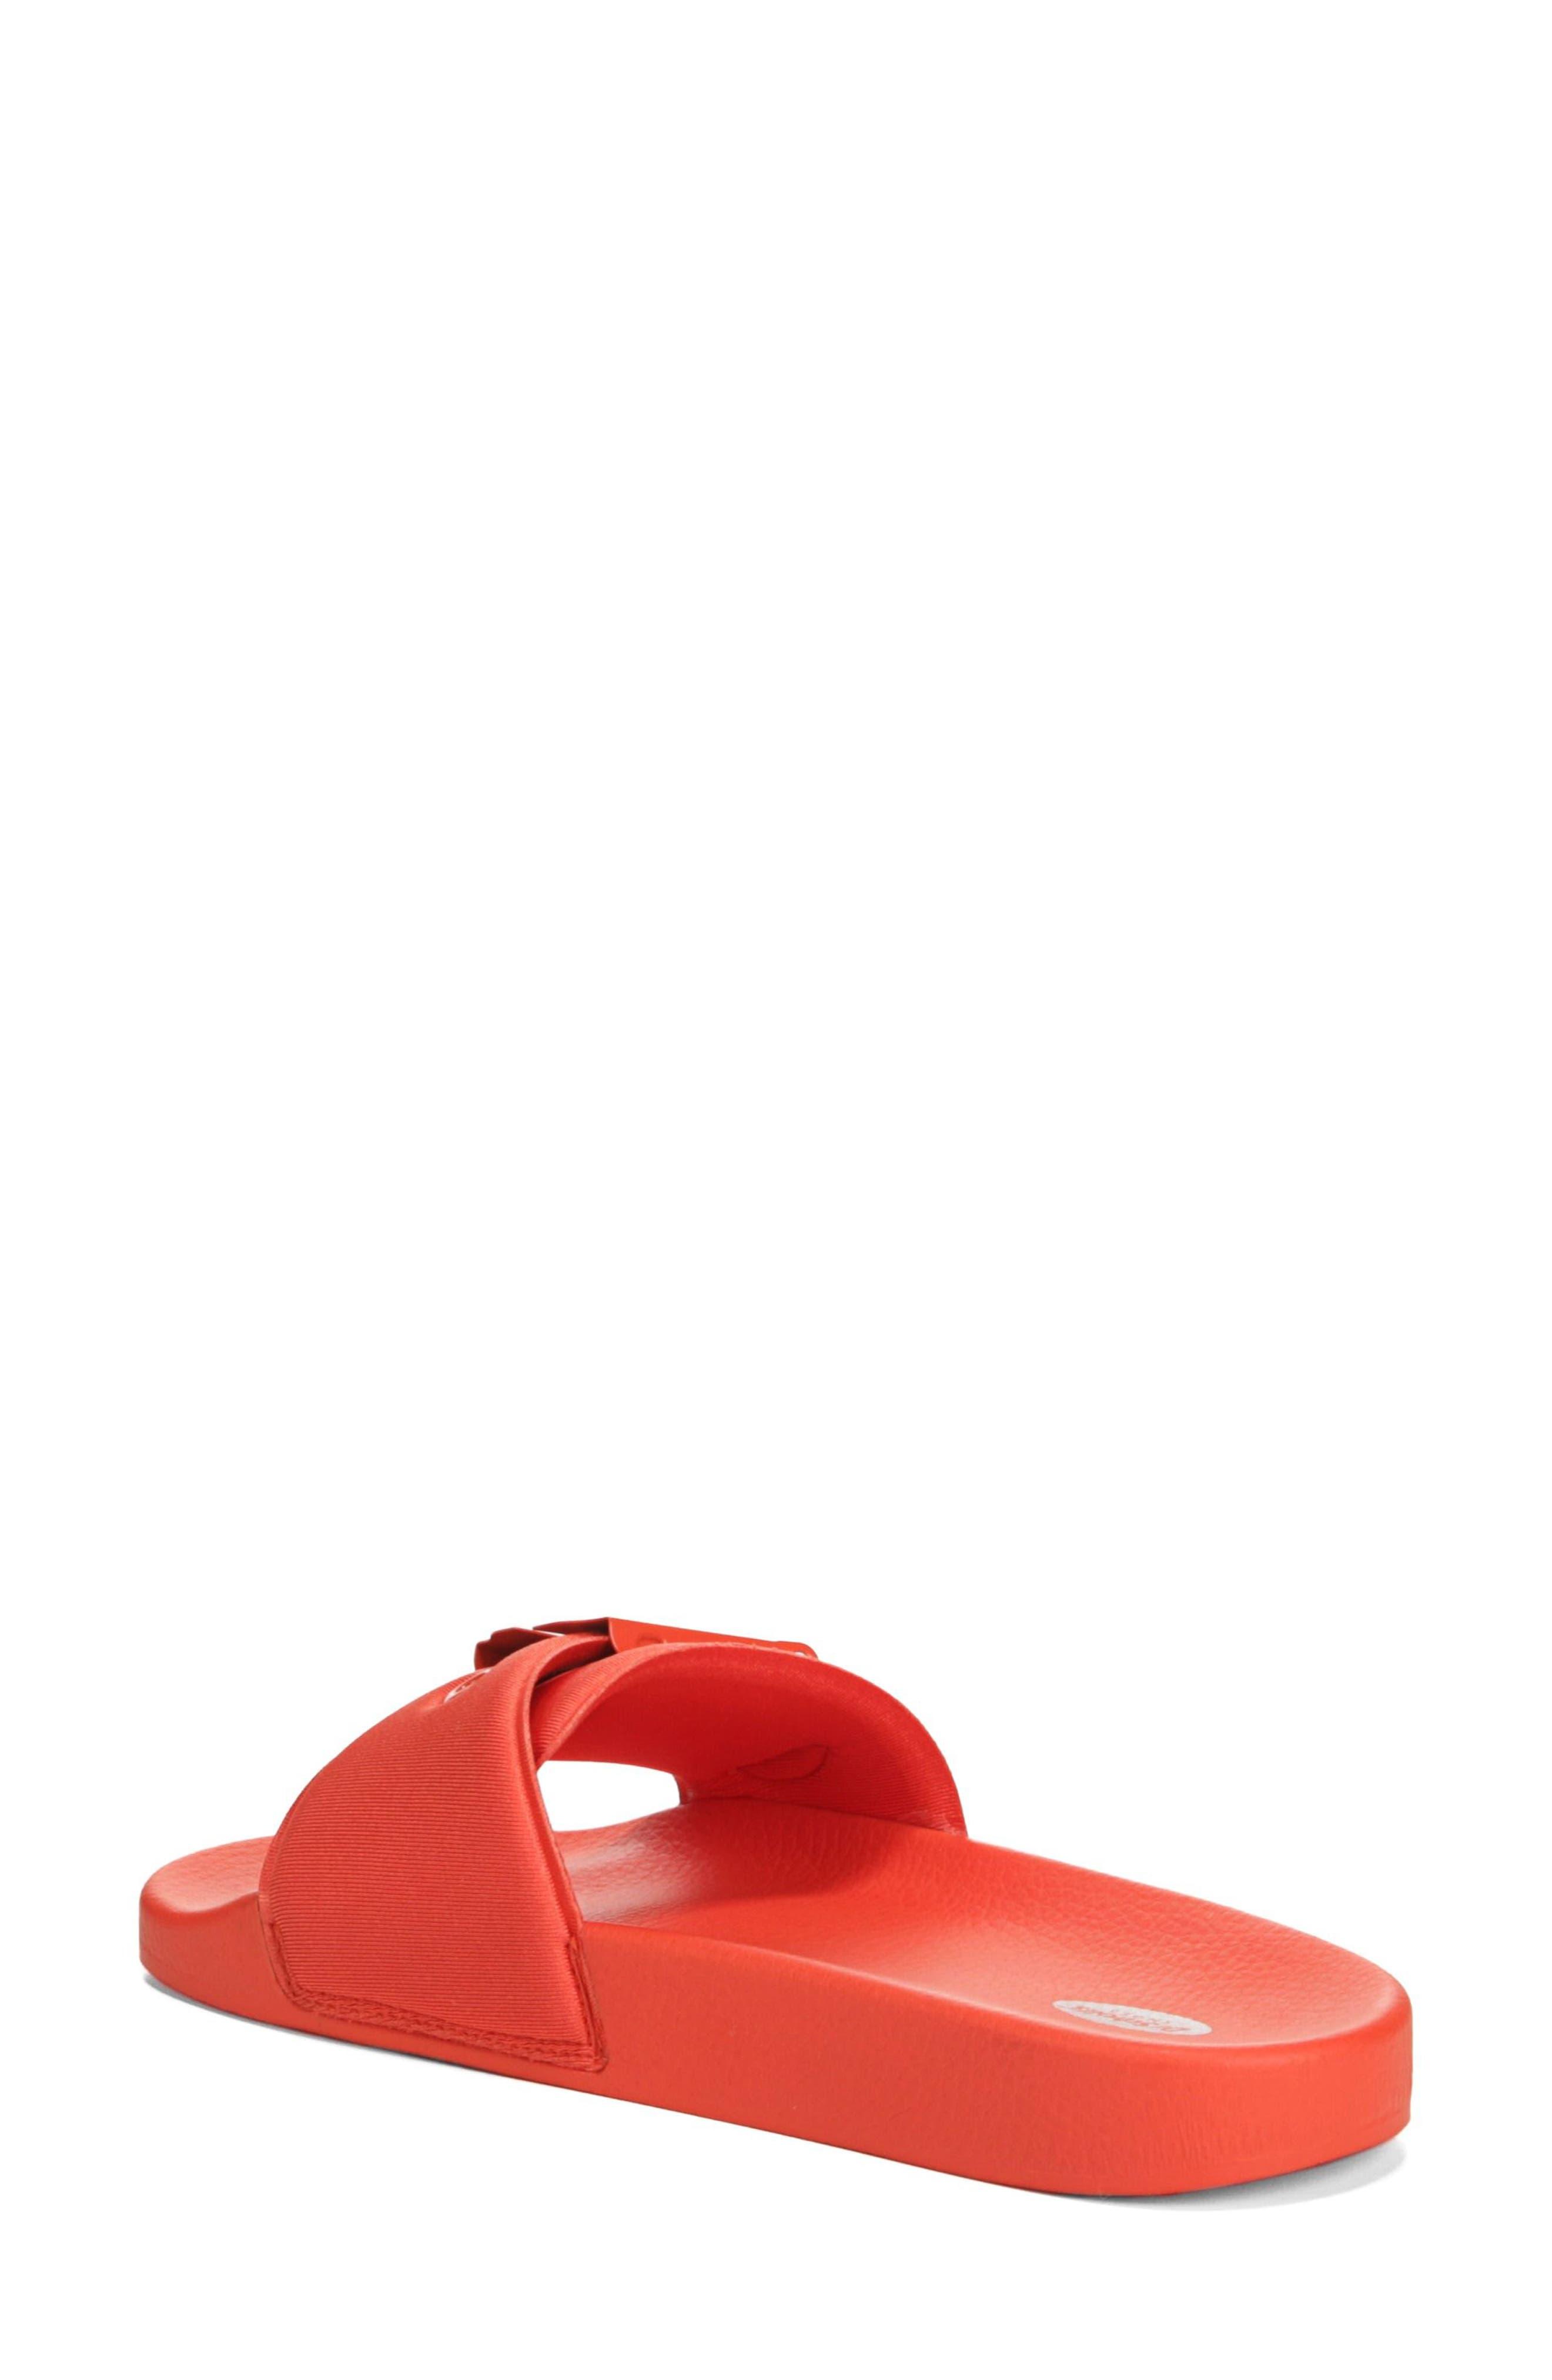 DR. SCHOLL'S, Original Pool Slide Sandal, Alternate thumbnail 2, color, TIGER LILY